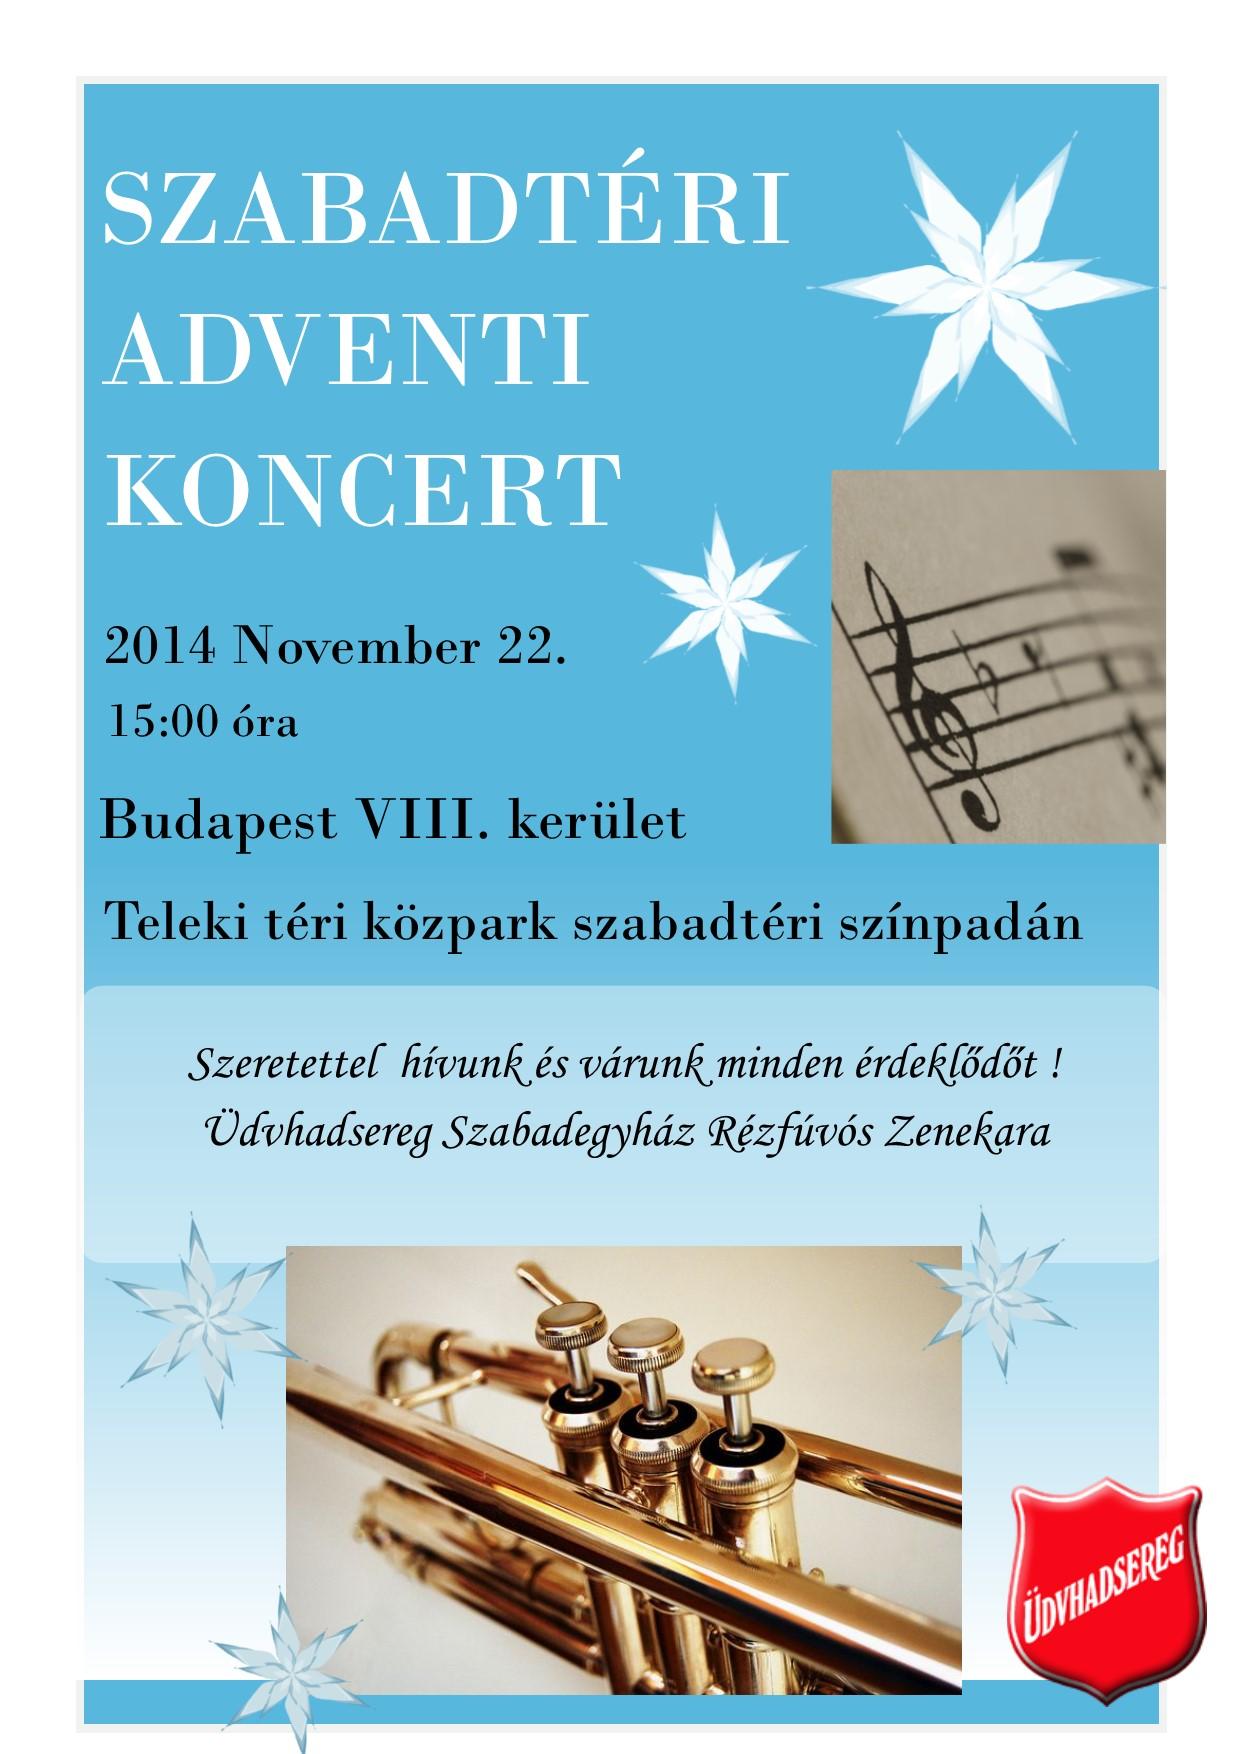 Szabadtéri Adventi koncert